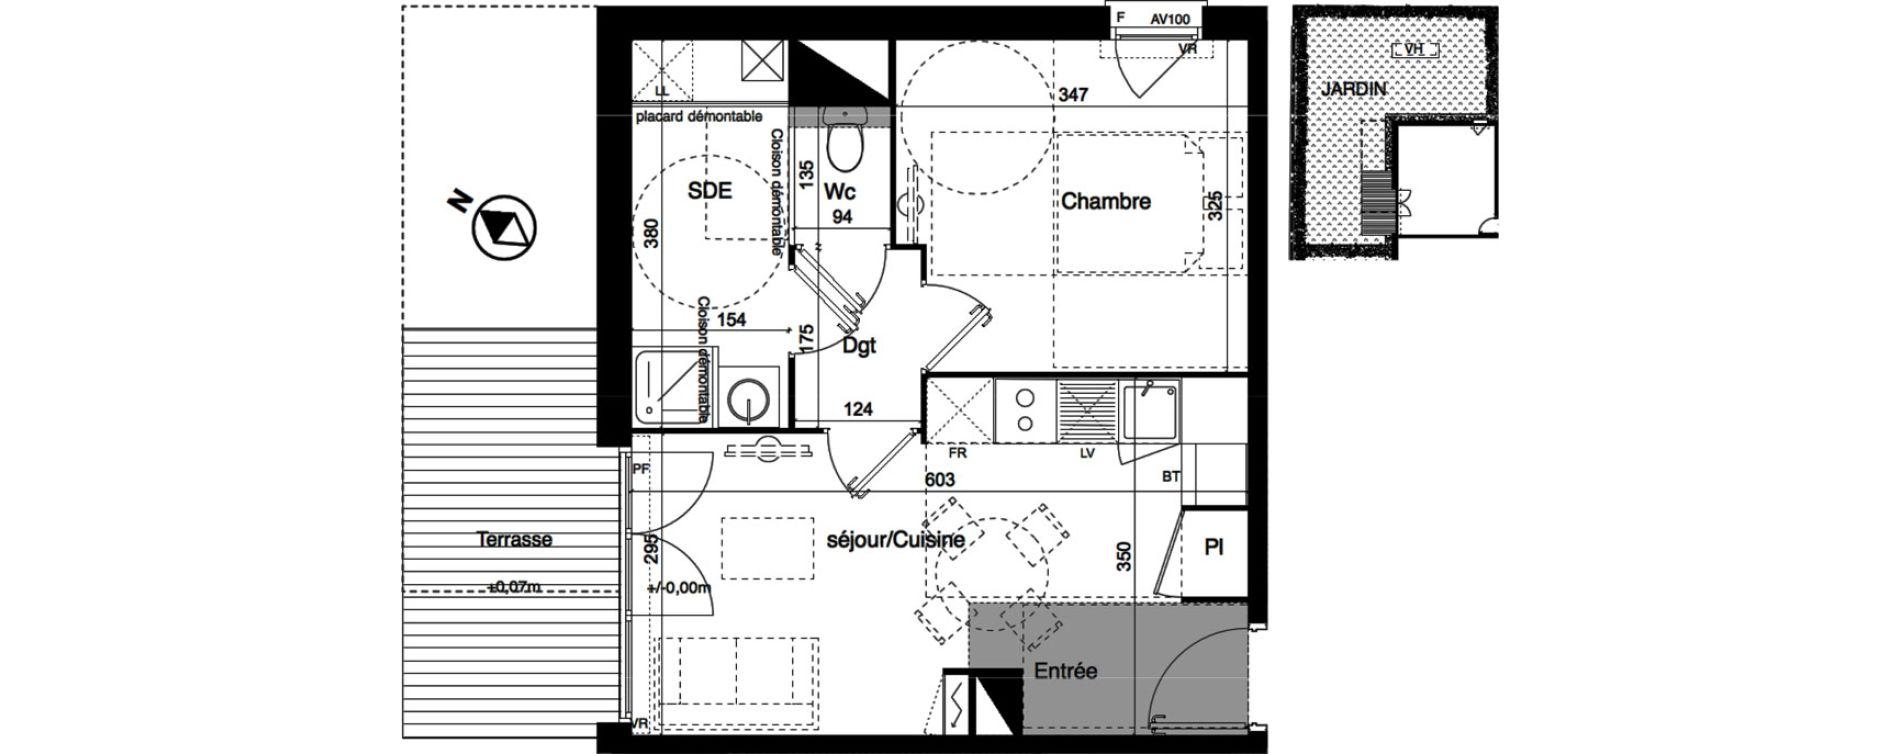 Appartement T2 de 39,30 m2 à Toulouse La roseraie